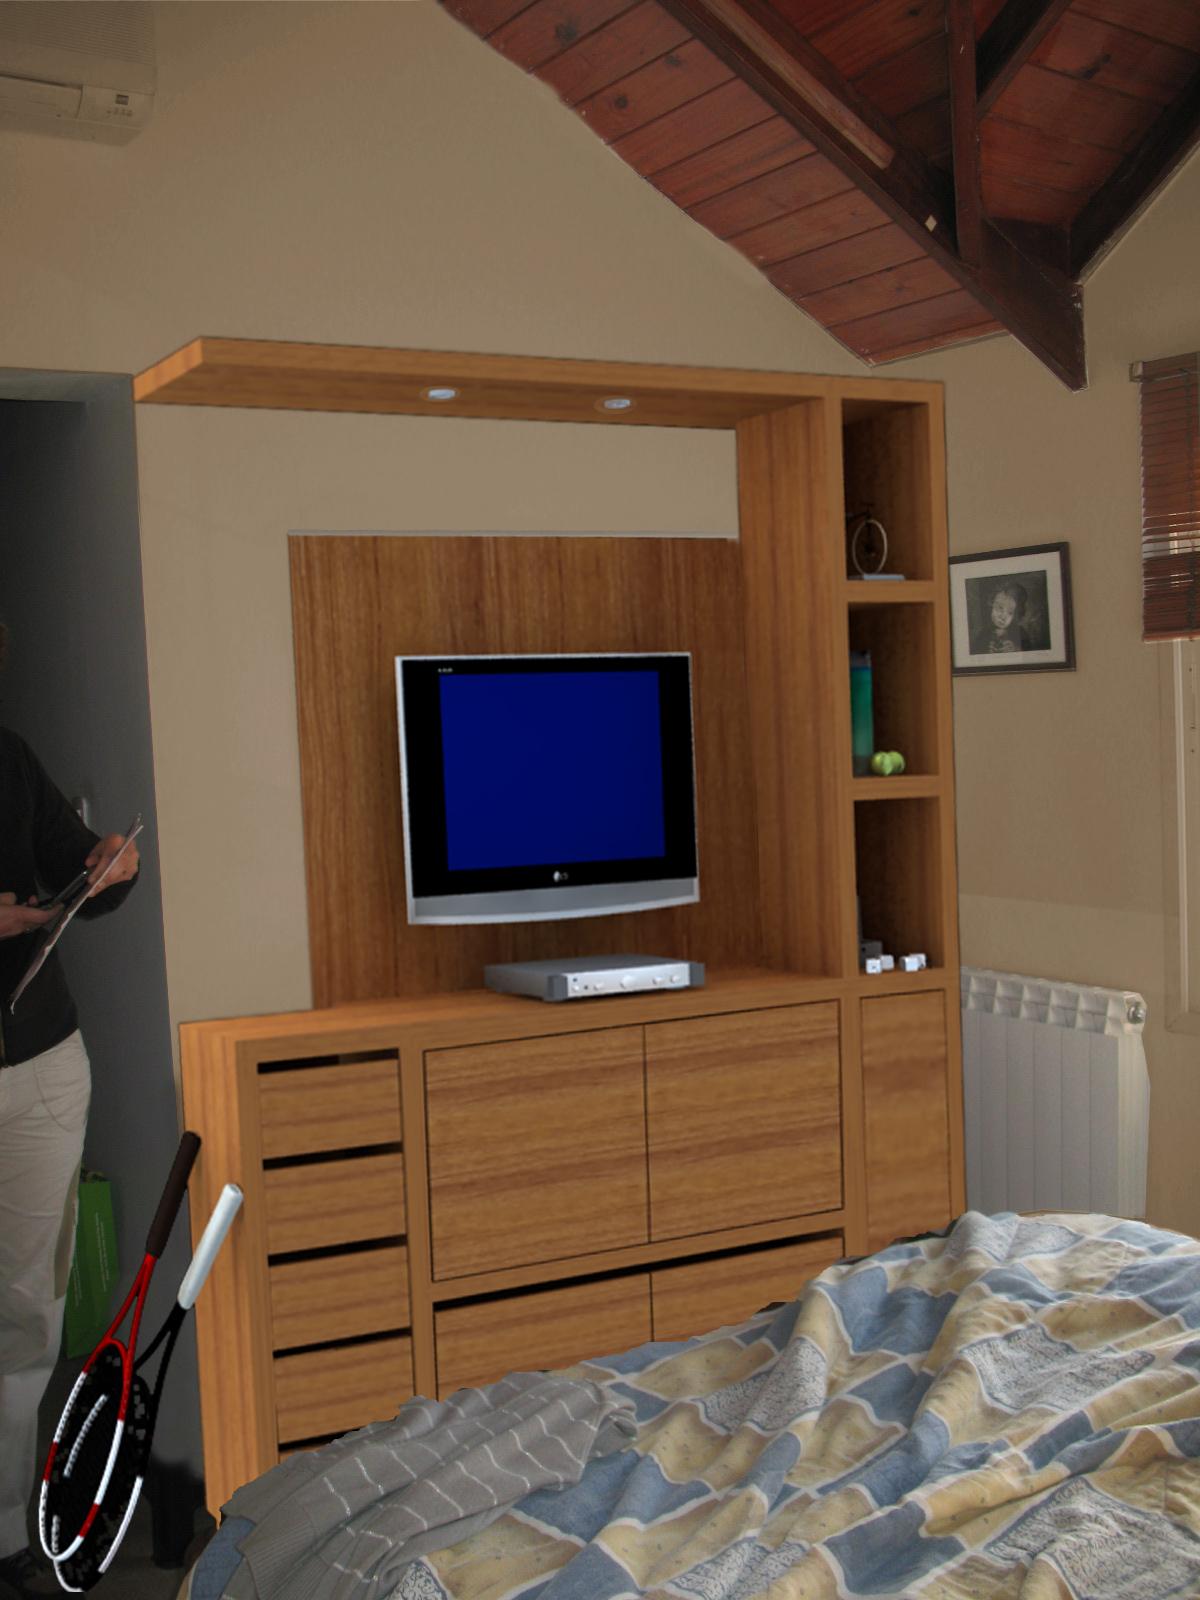 Grafica 3d dormitorio y mueble tv for Mueble tv dormitorio